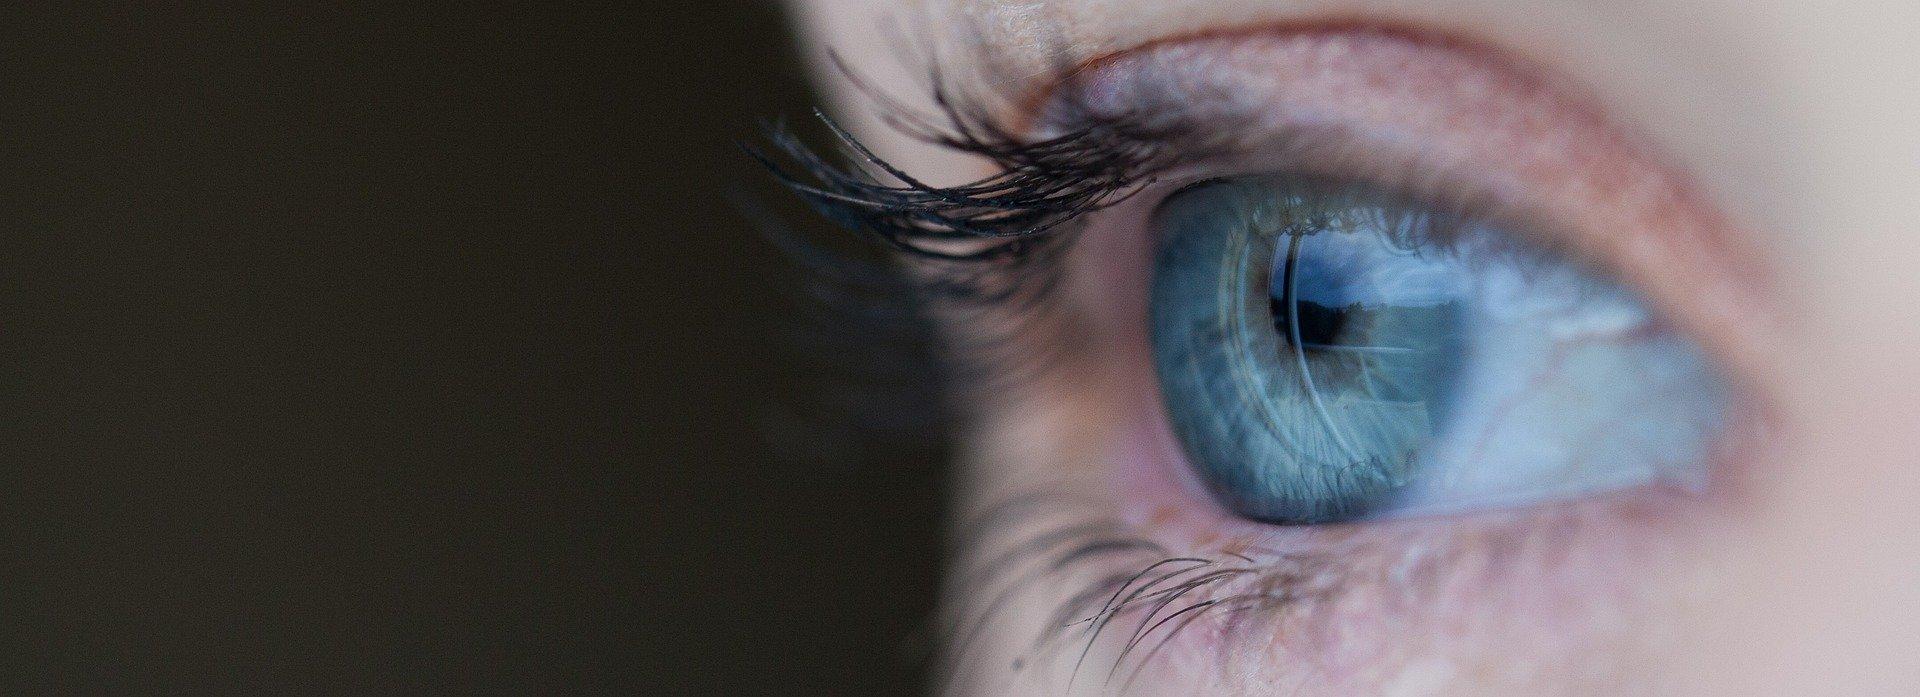 imagem de um olho feminino